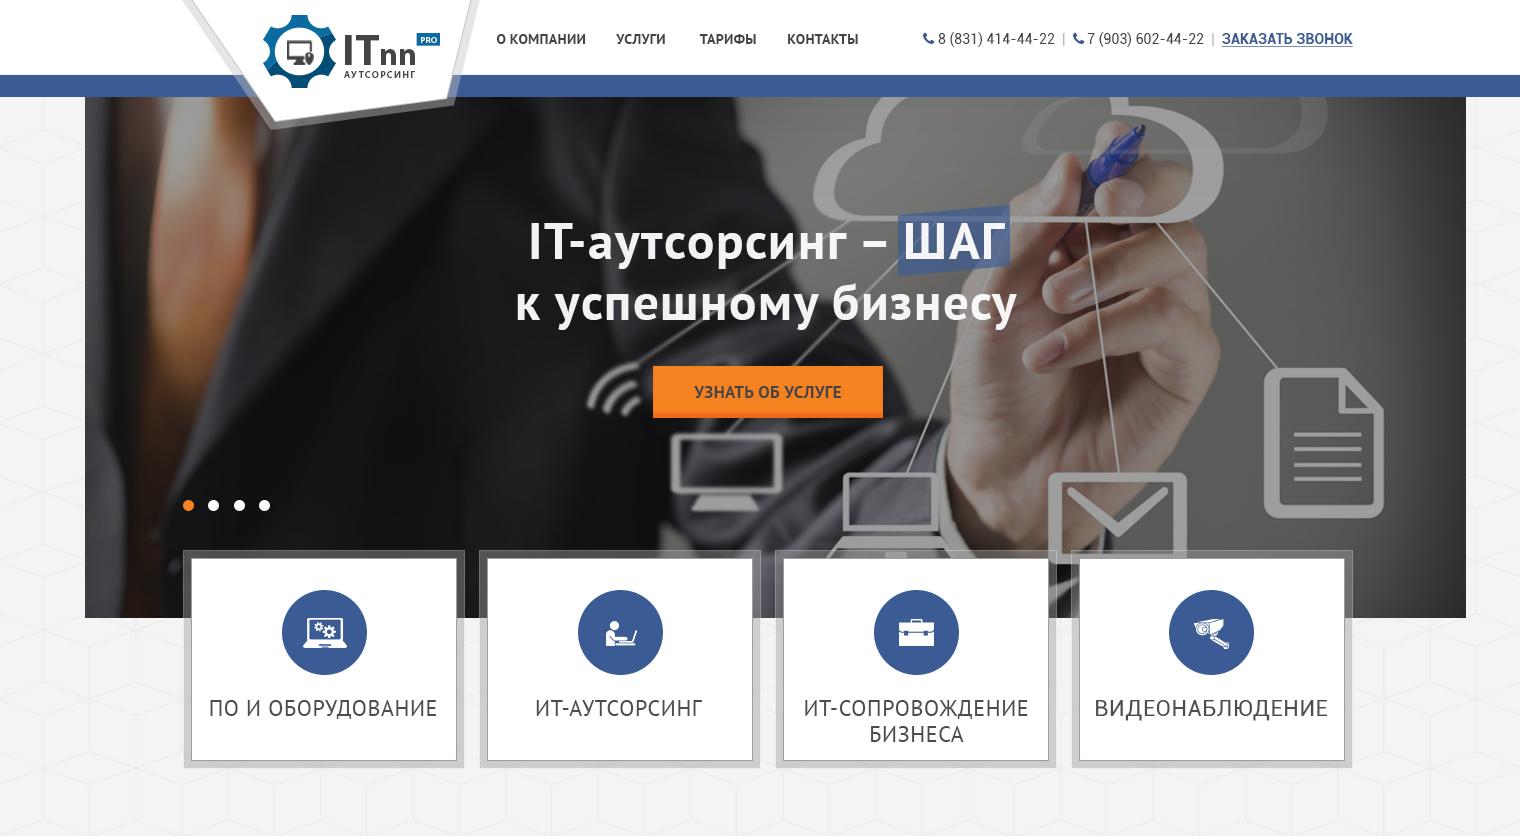 Компания ИТ-аутсорсинга